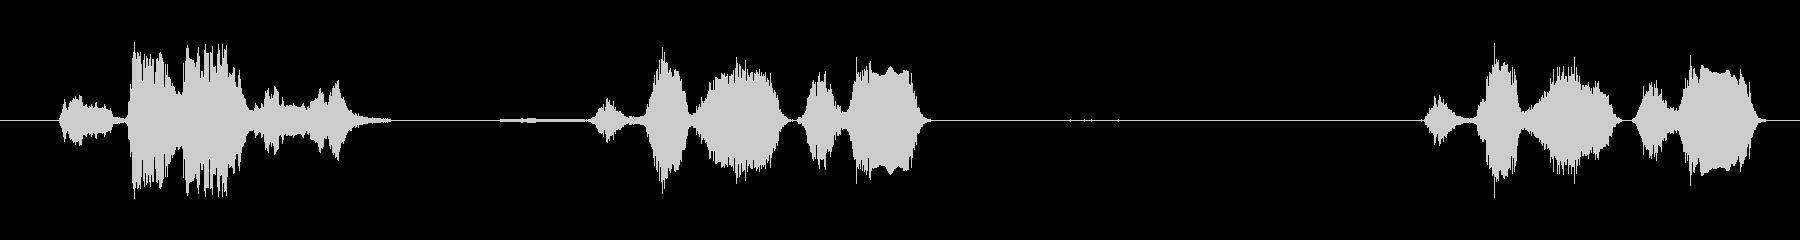 ミニチュアルースターカラス3回、屋...の未再生の波形